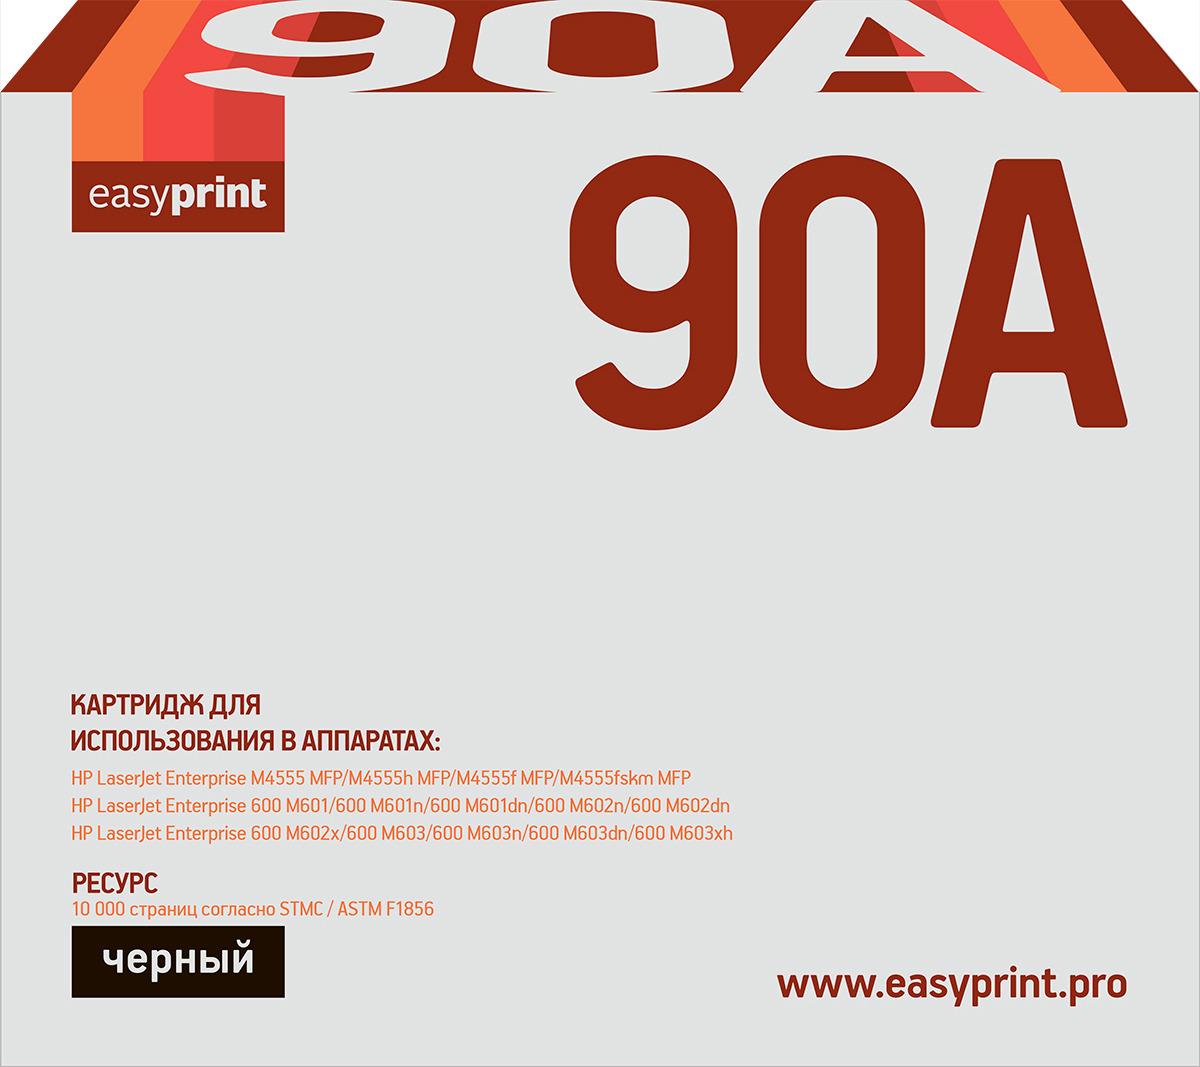 Картридж EasyPrint LH-90A, черный, для лазерного принтера